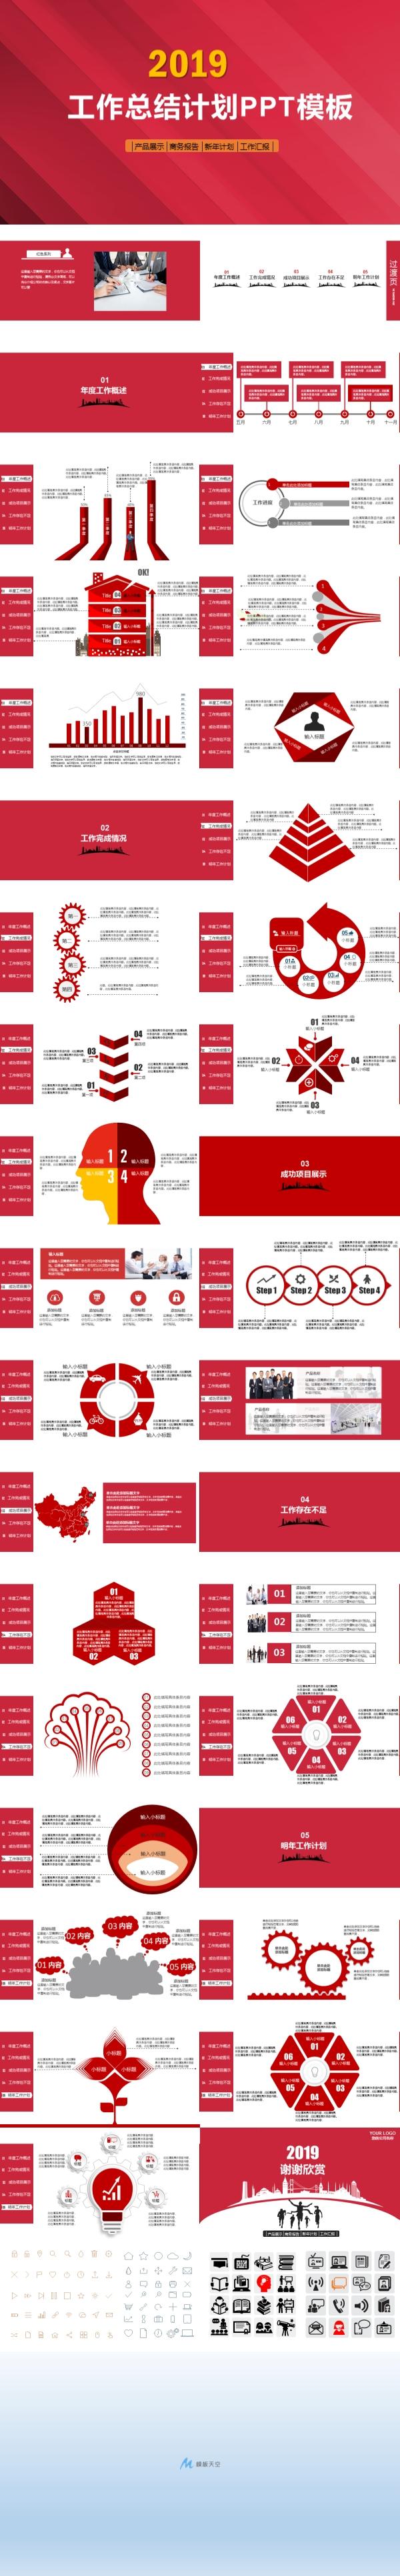 2019红色大气时尚工作总结通用PPT模板